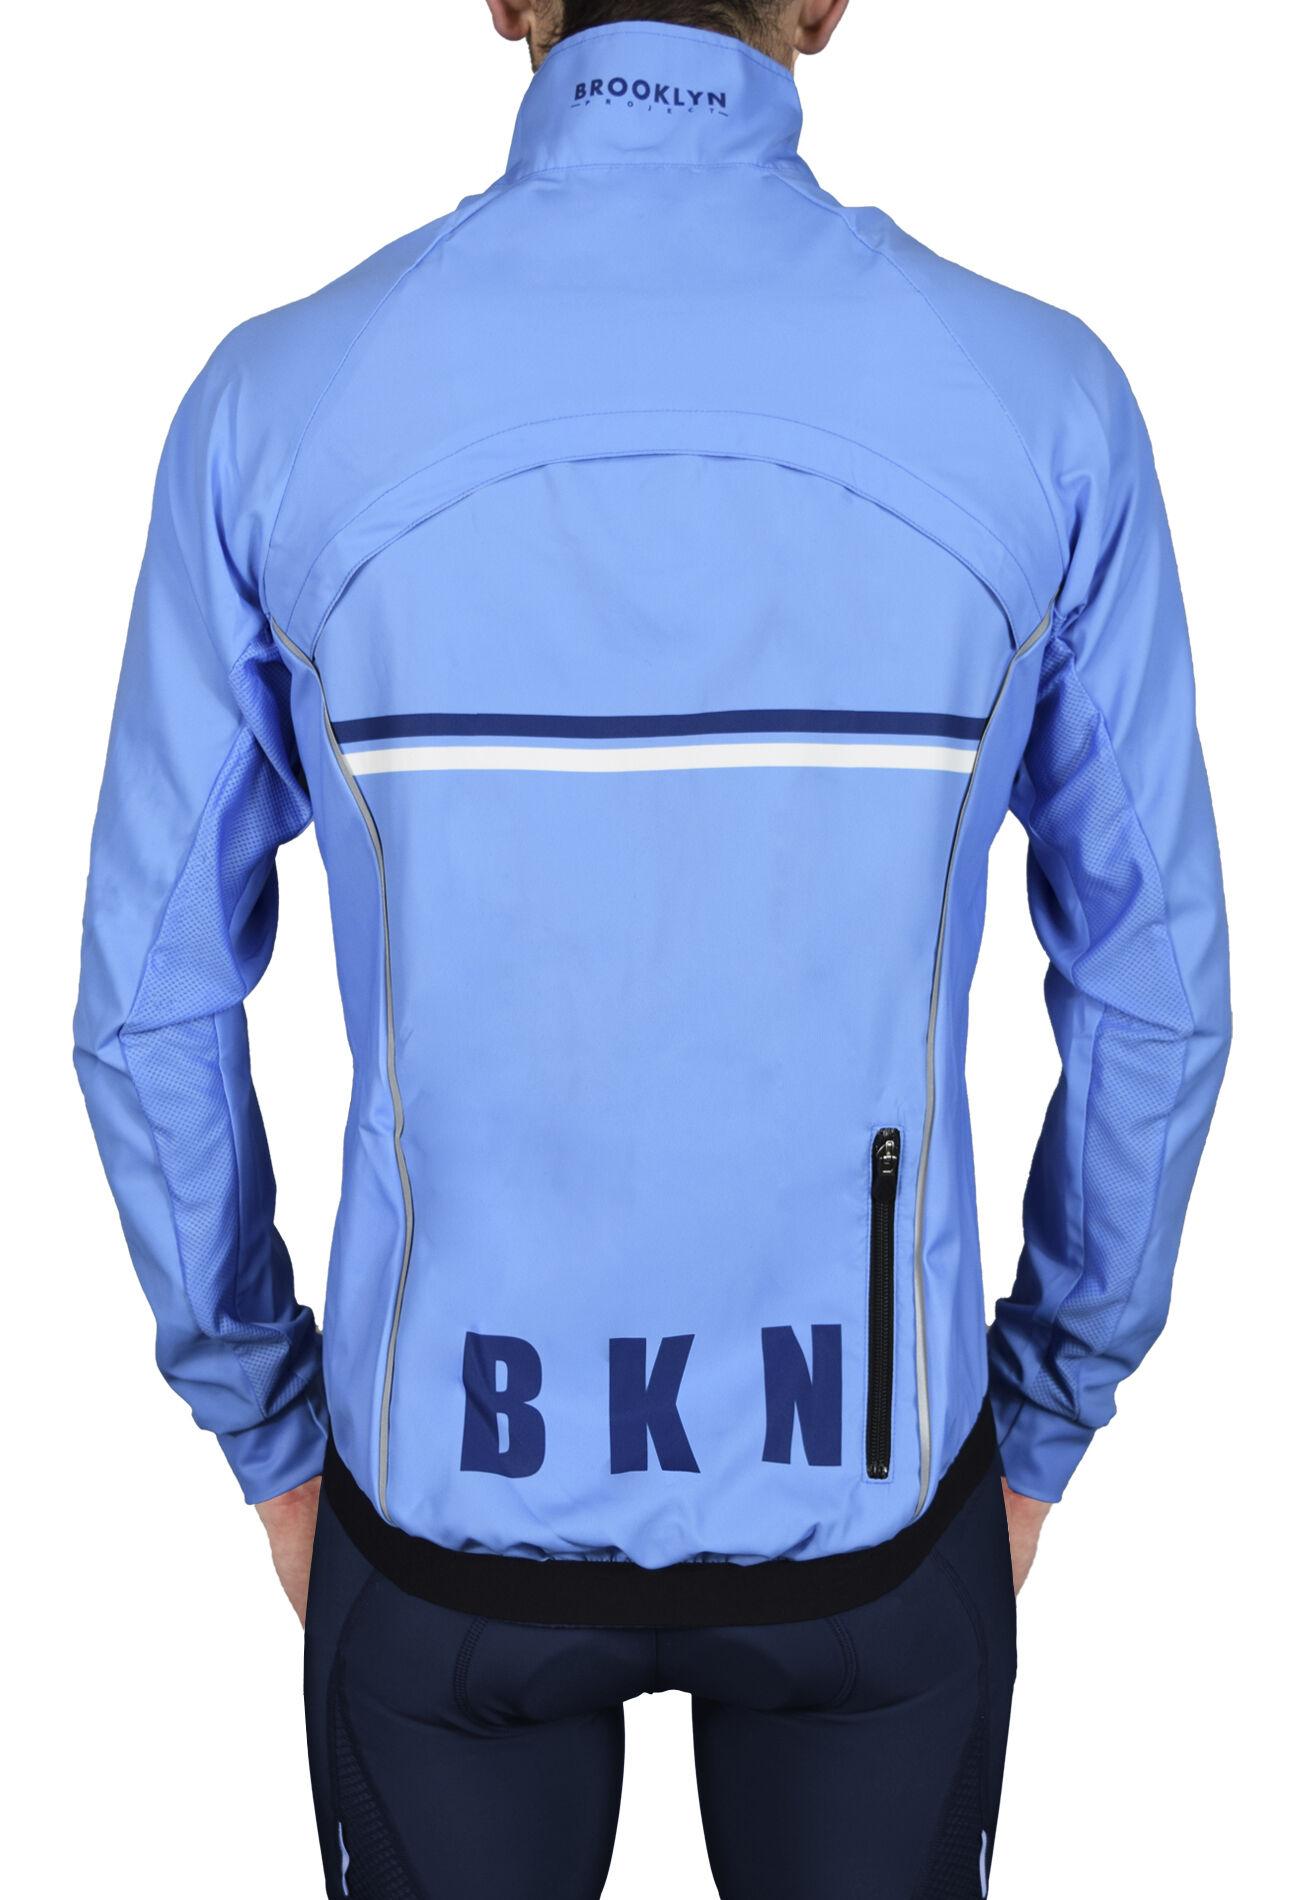 BKN Lt Blue Jacket BACK